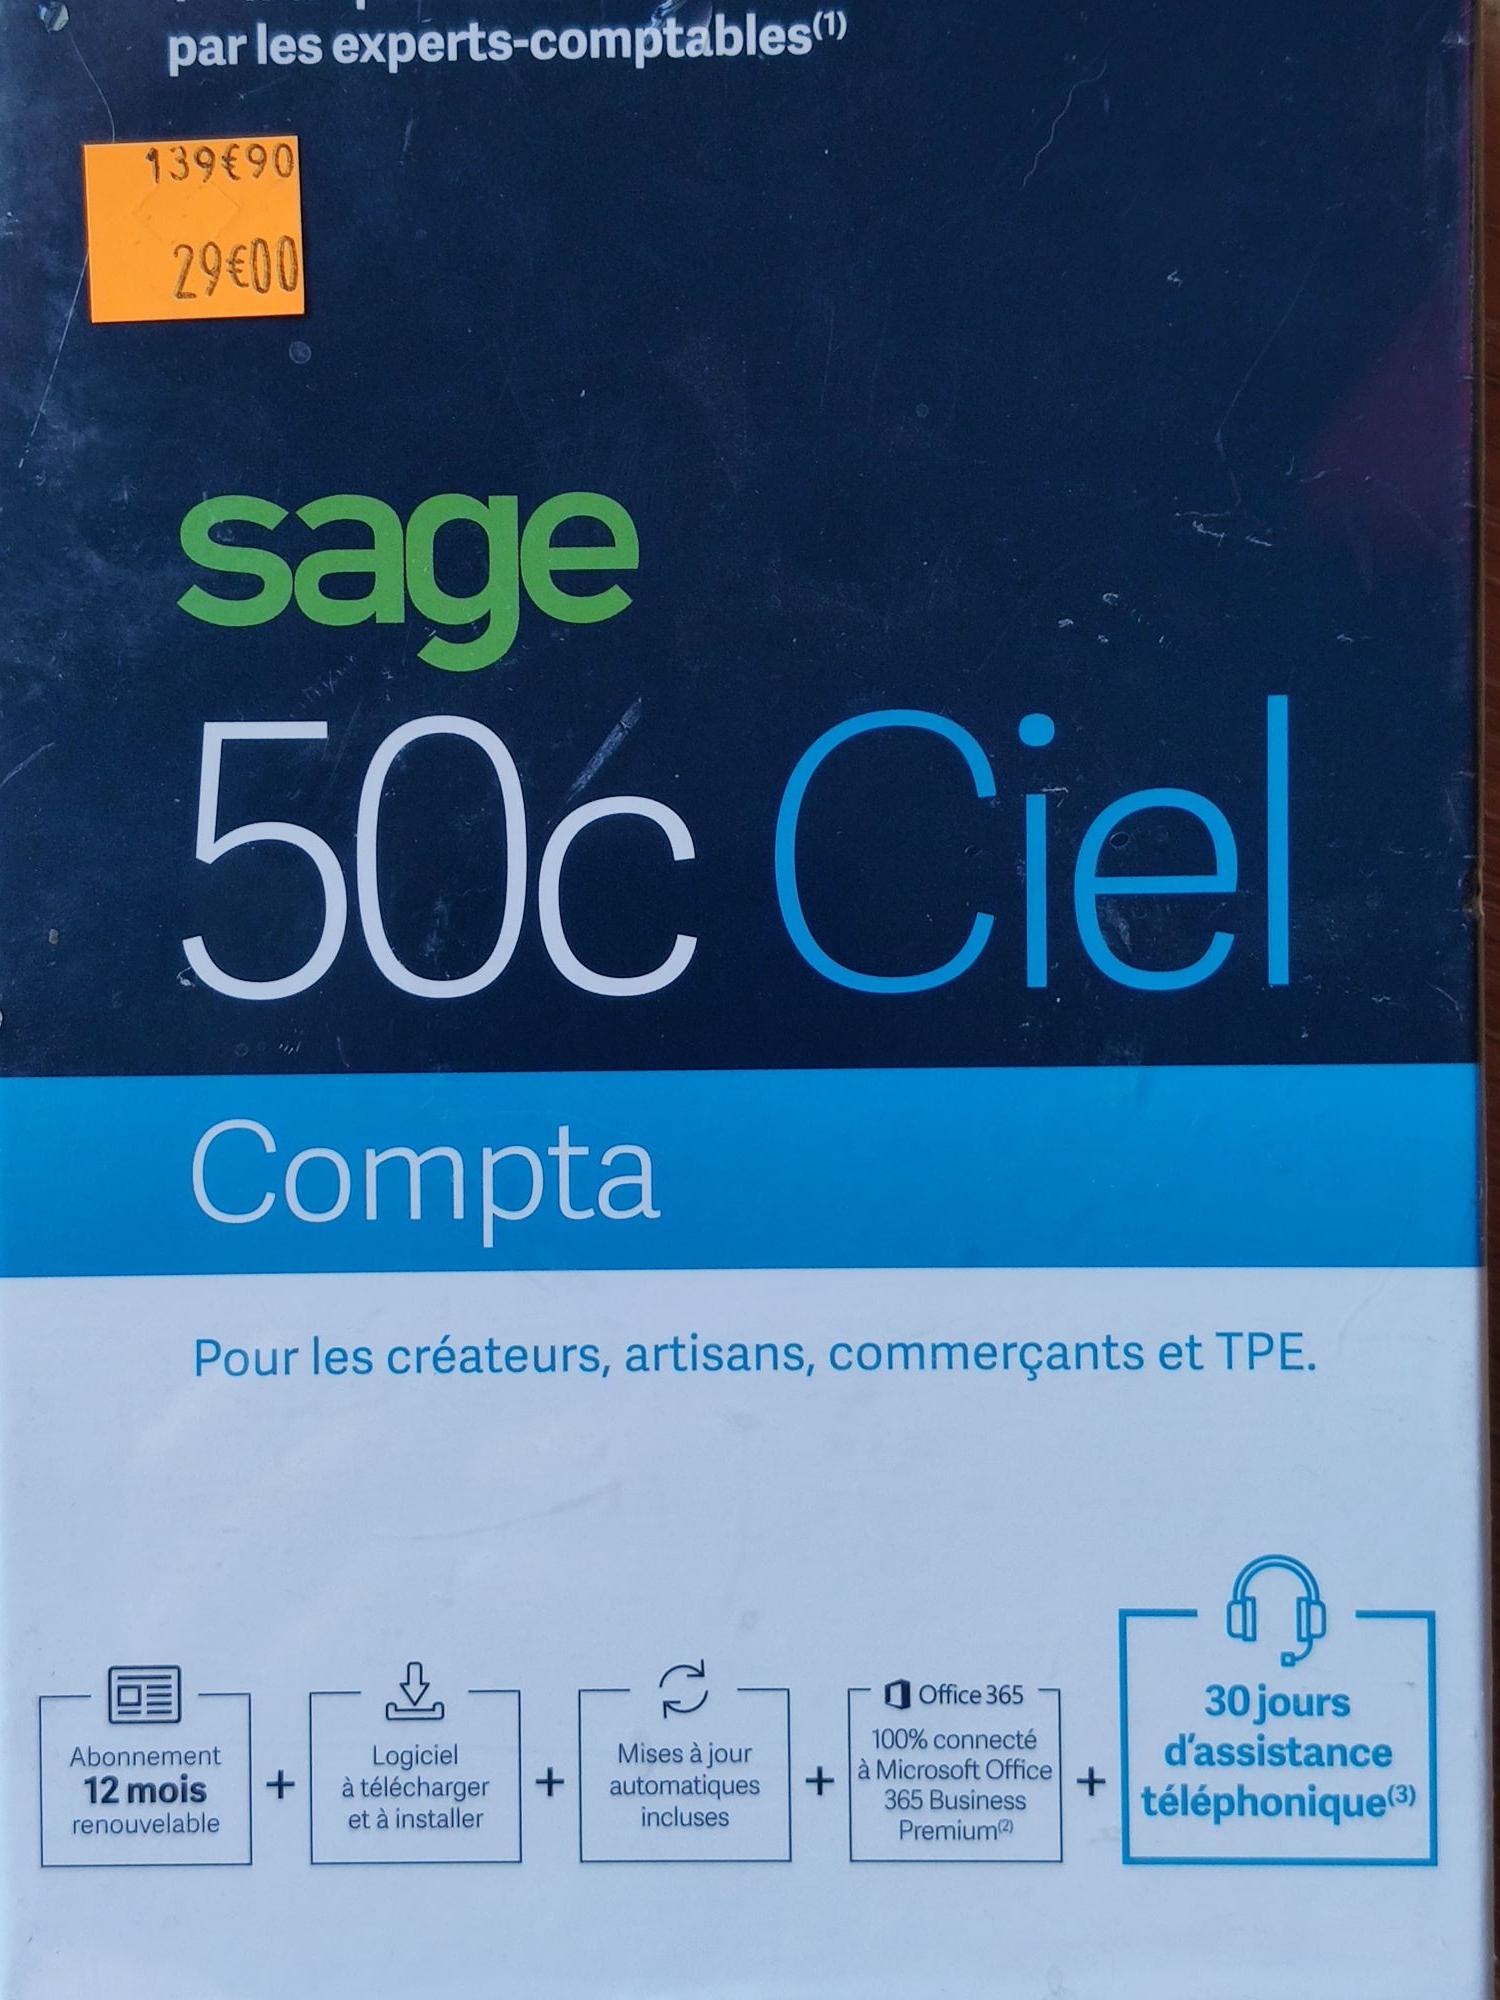 Sélection de logiciels Sage en promotion 12 mois inclus - Ex : 50c Ciel Compta (Saint-Quentin 78)